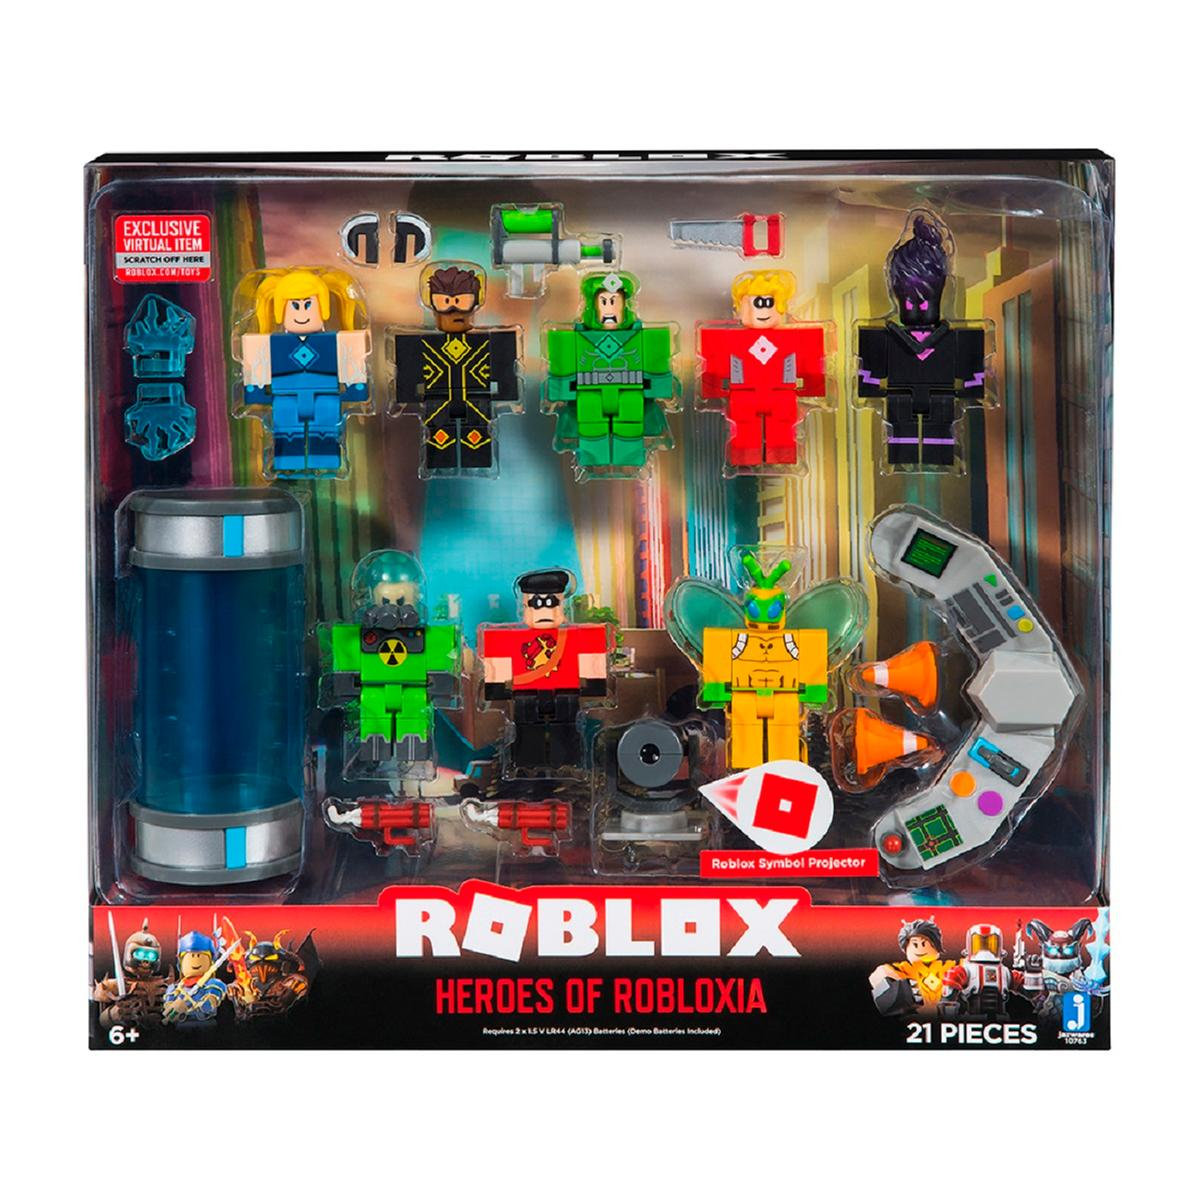 14 Mejores Imágenes De Roblox Jugetes Para Niñas Ropa De Roblox Heroes Of Robloxia Roblox Tienda De Juguetes Y Videojuegos Jugueteria Online Toysrus